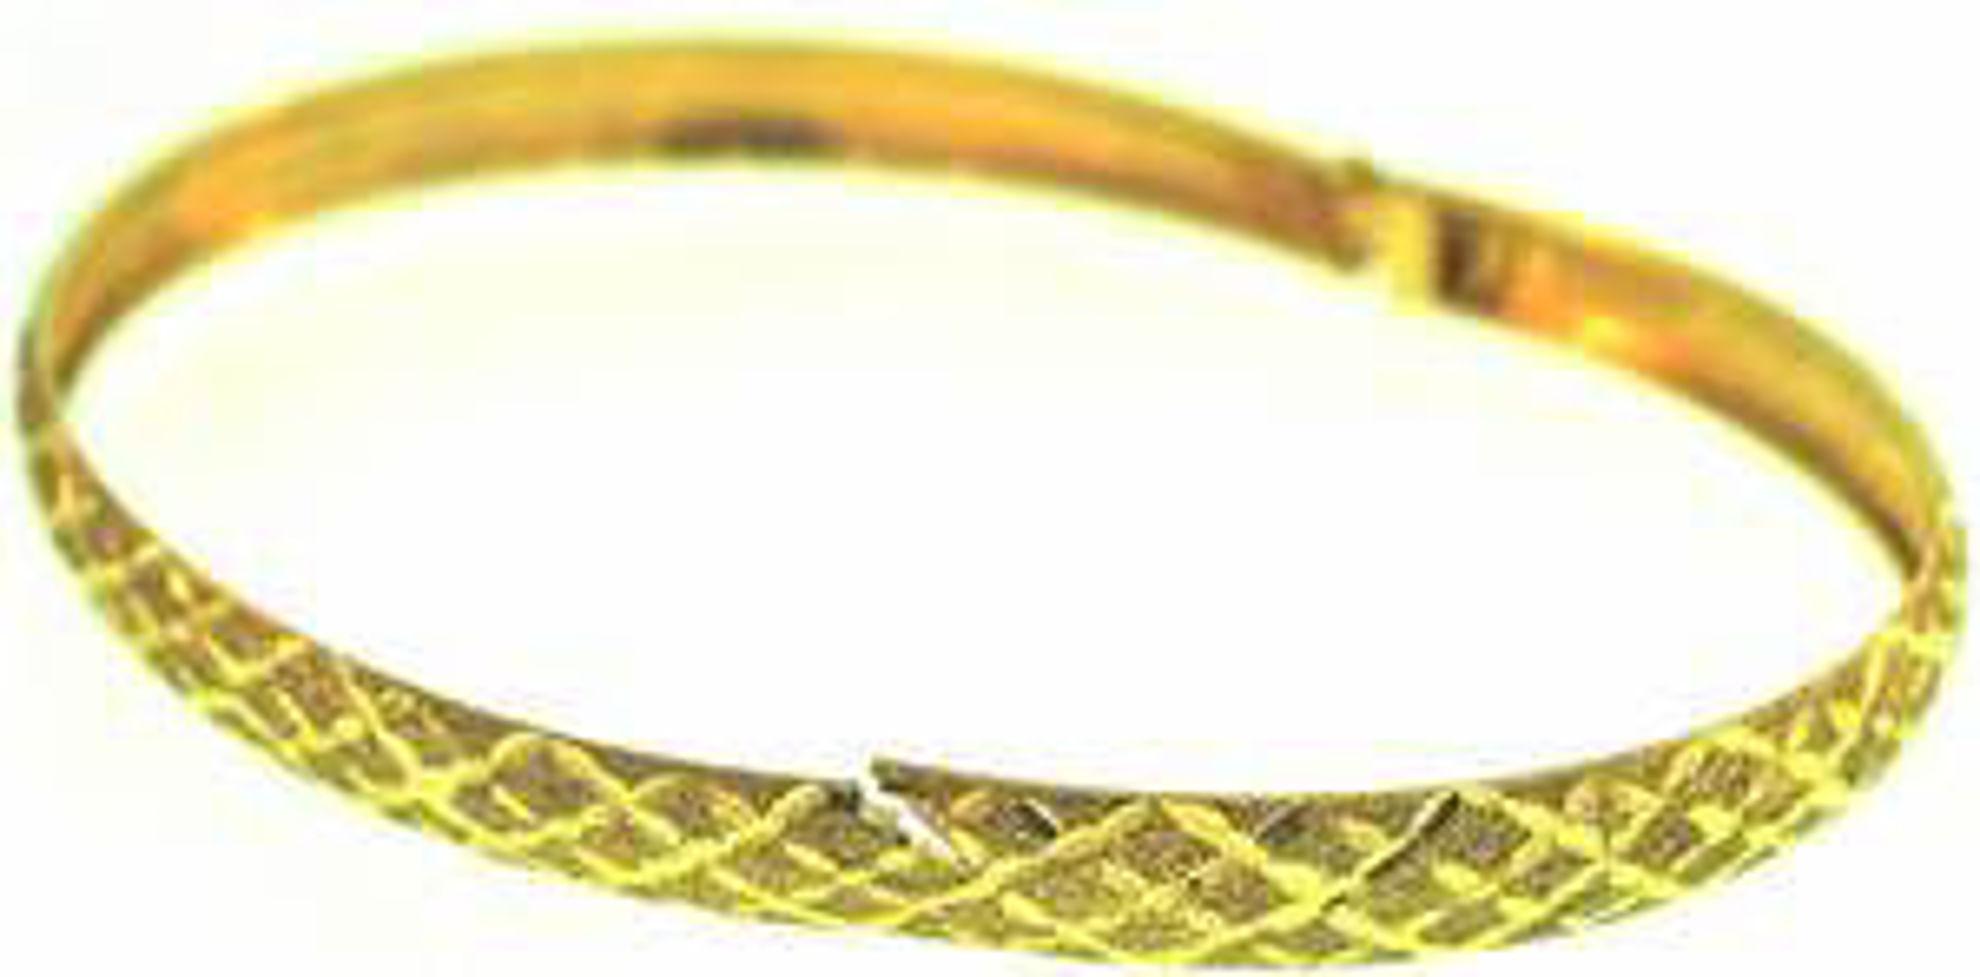 Picture of Bangle Bracelets 10kt-2.8 DWT, 4.4 Grams